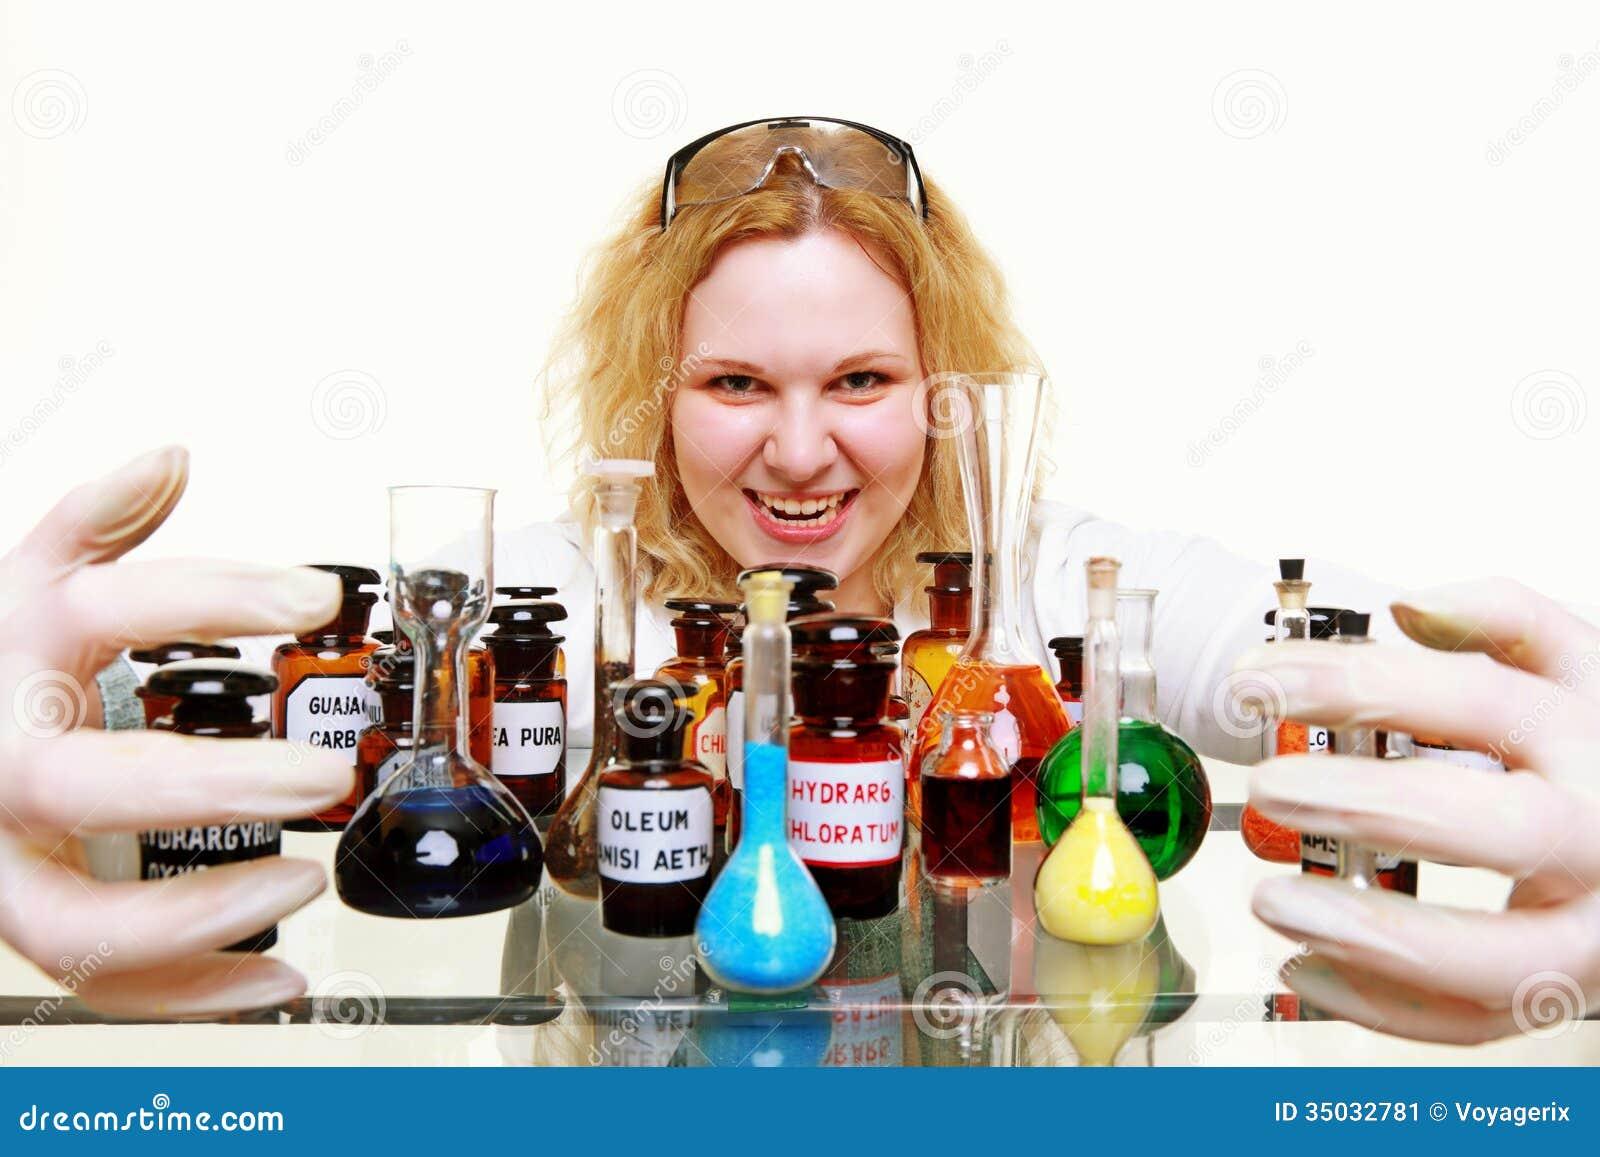 Kemist eller bartender?